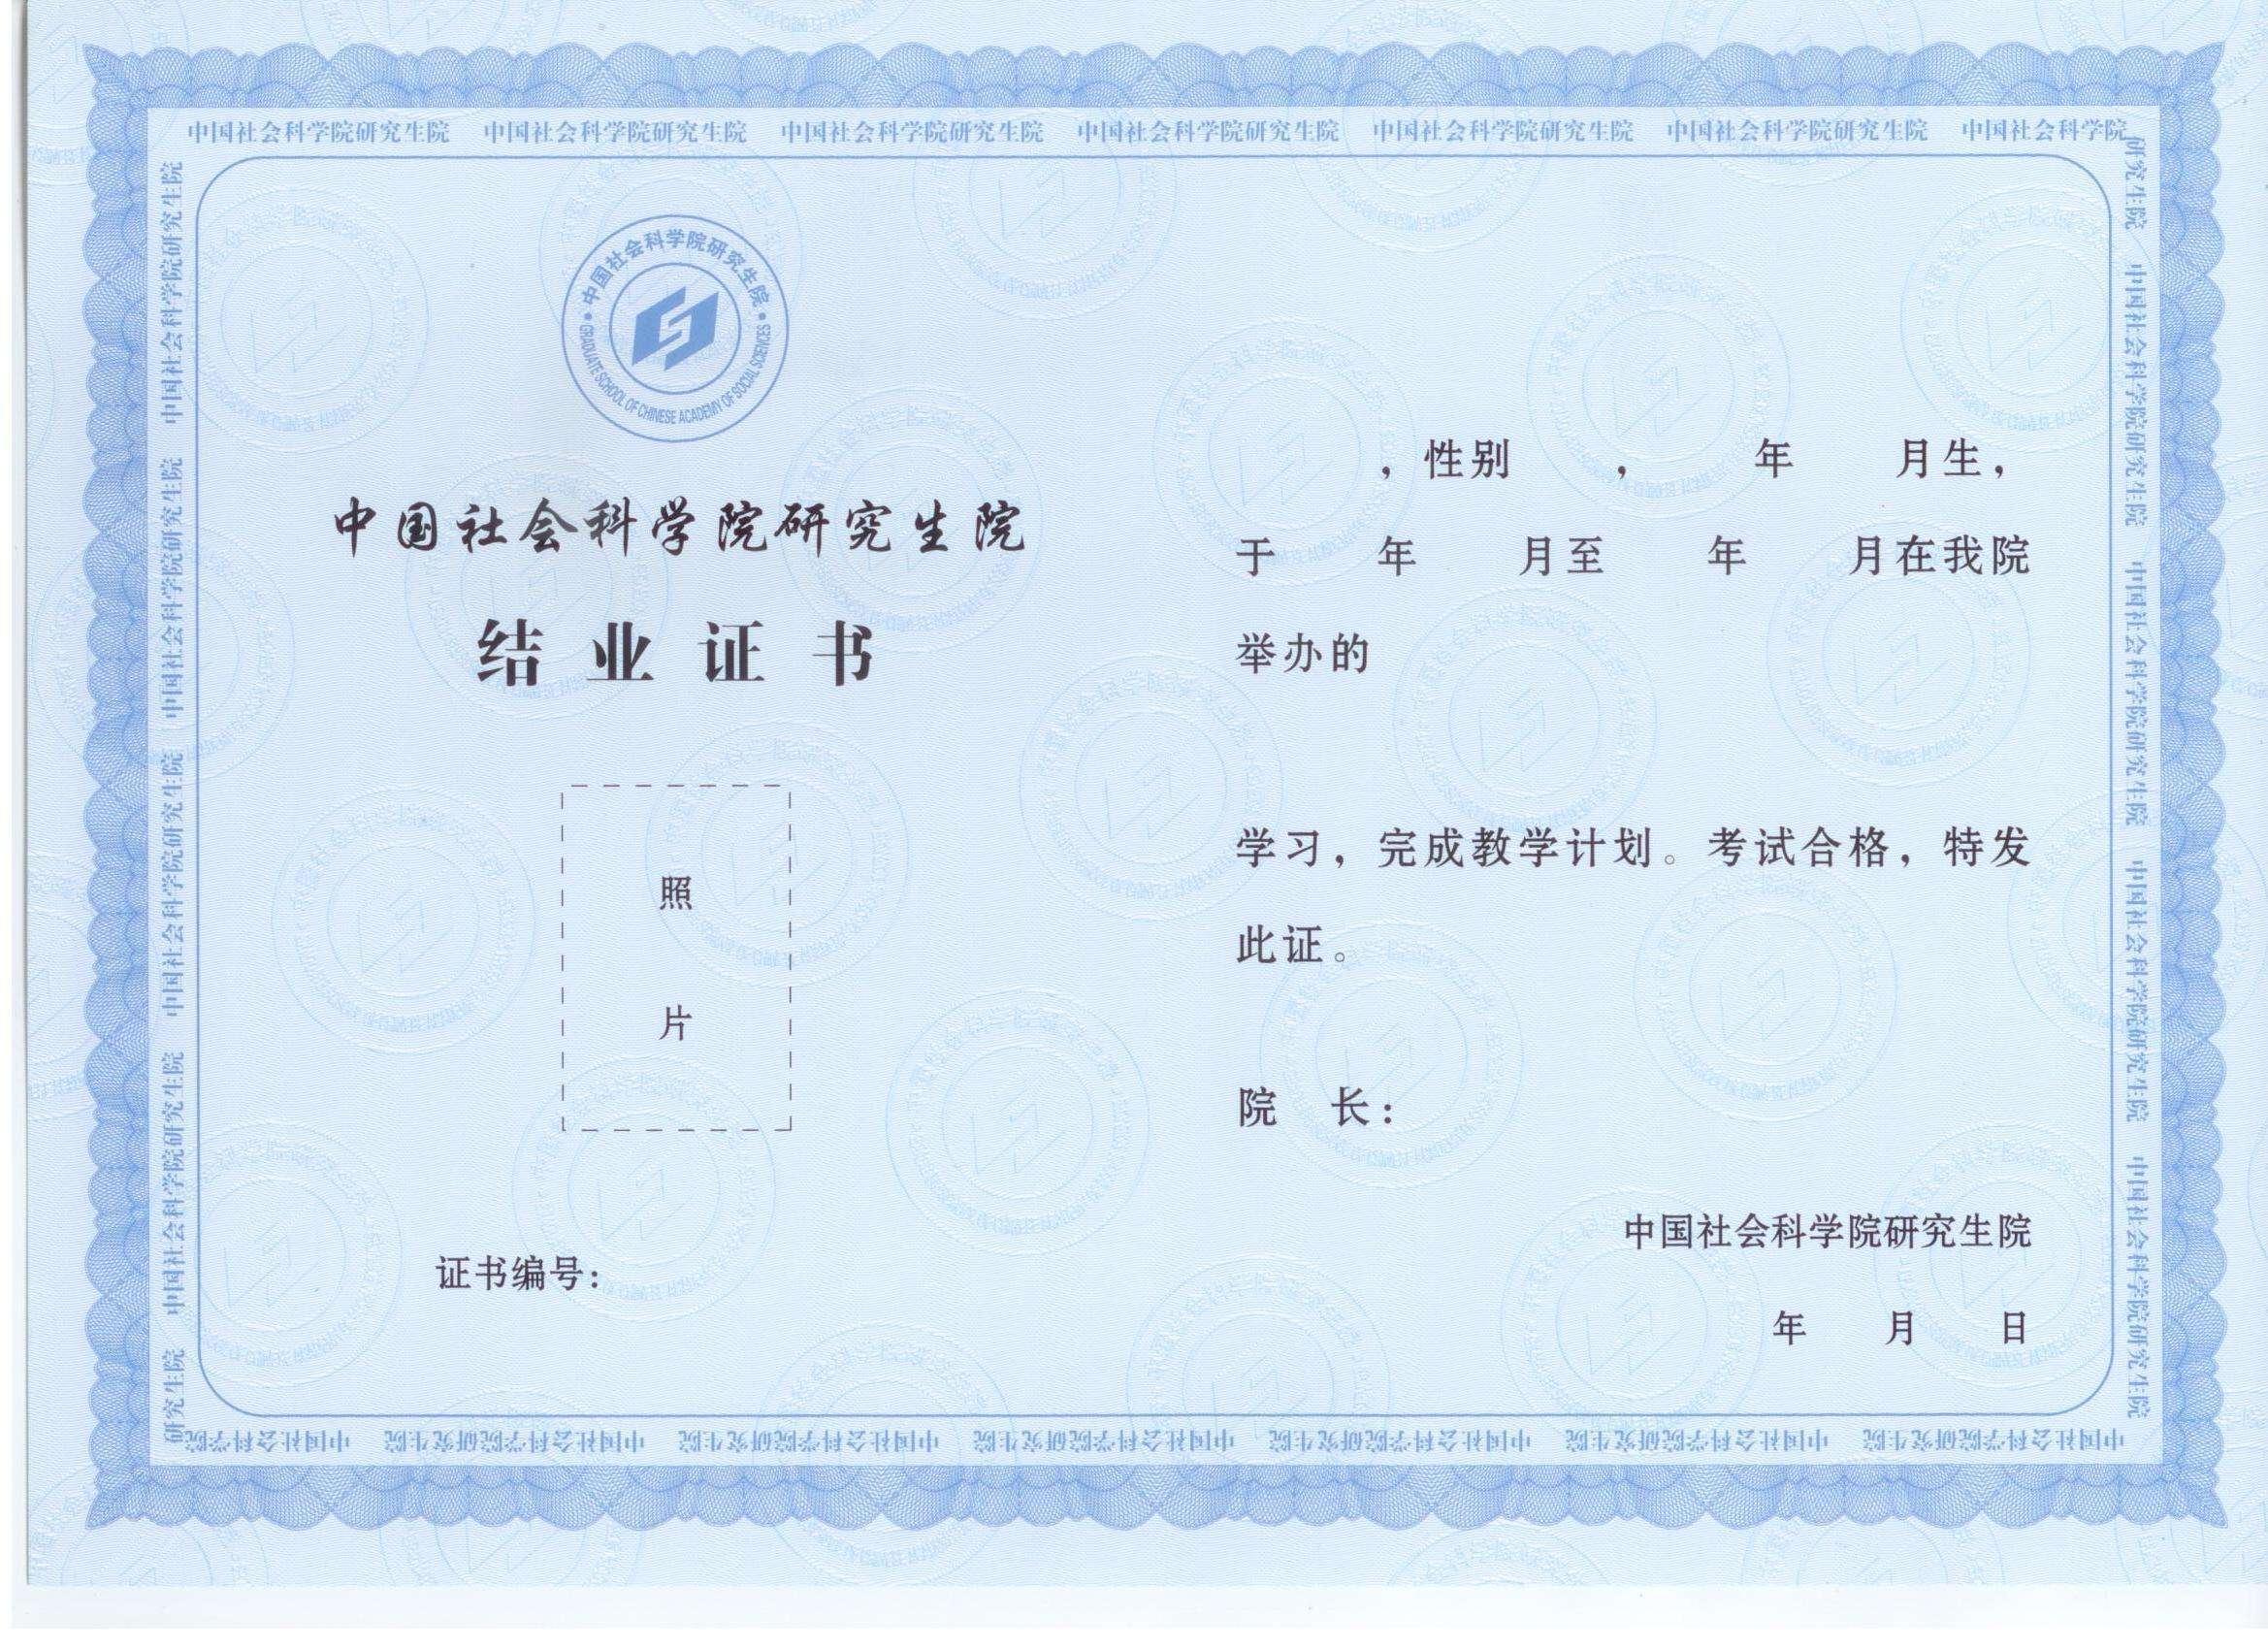 硕士研究生结业证书样本